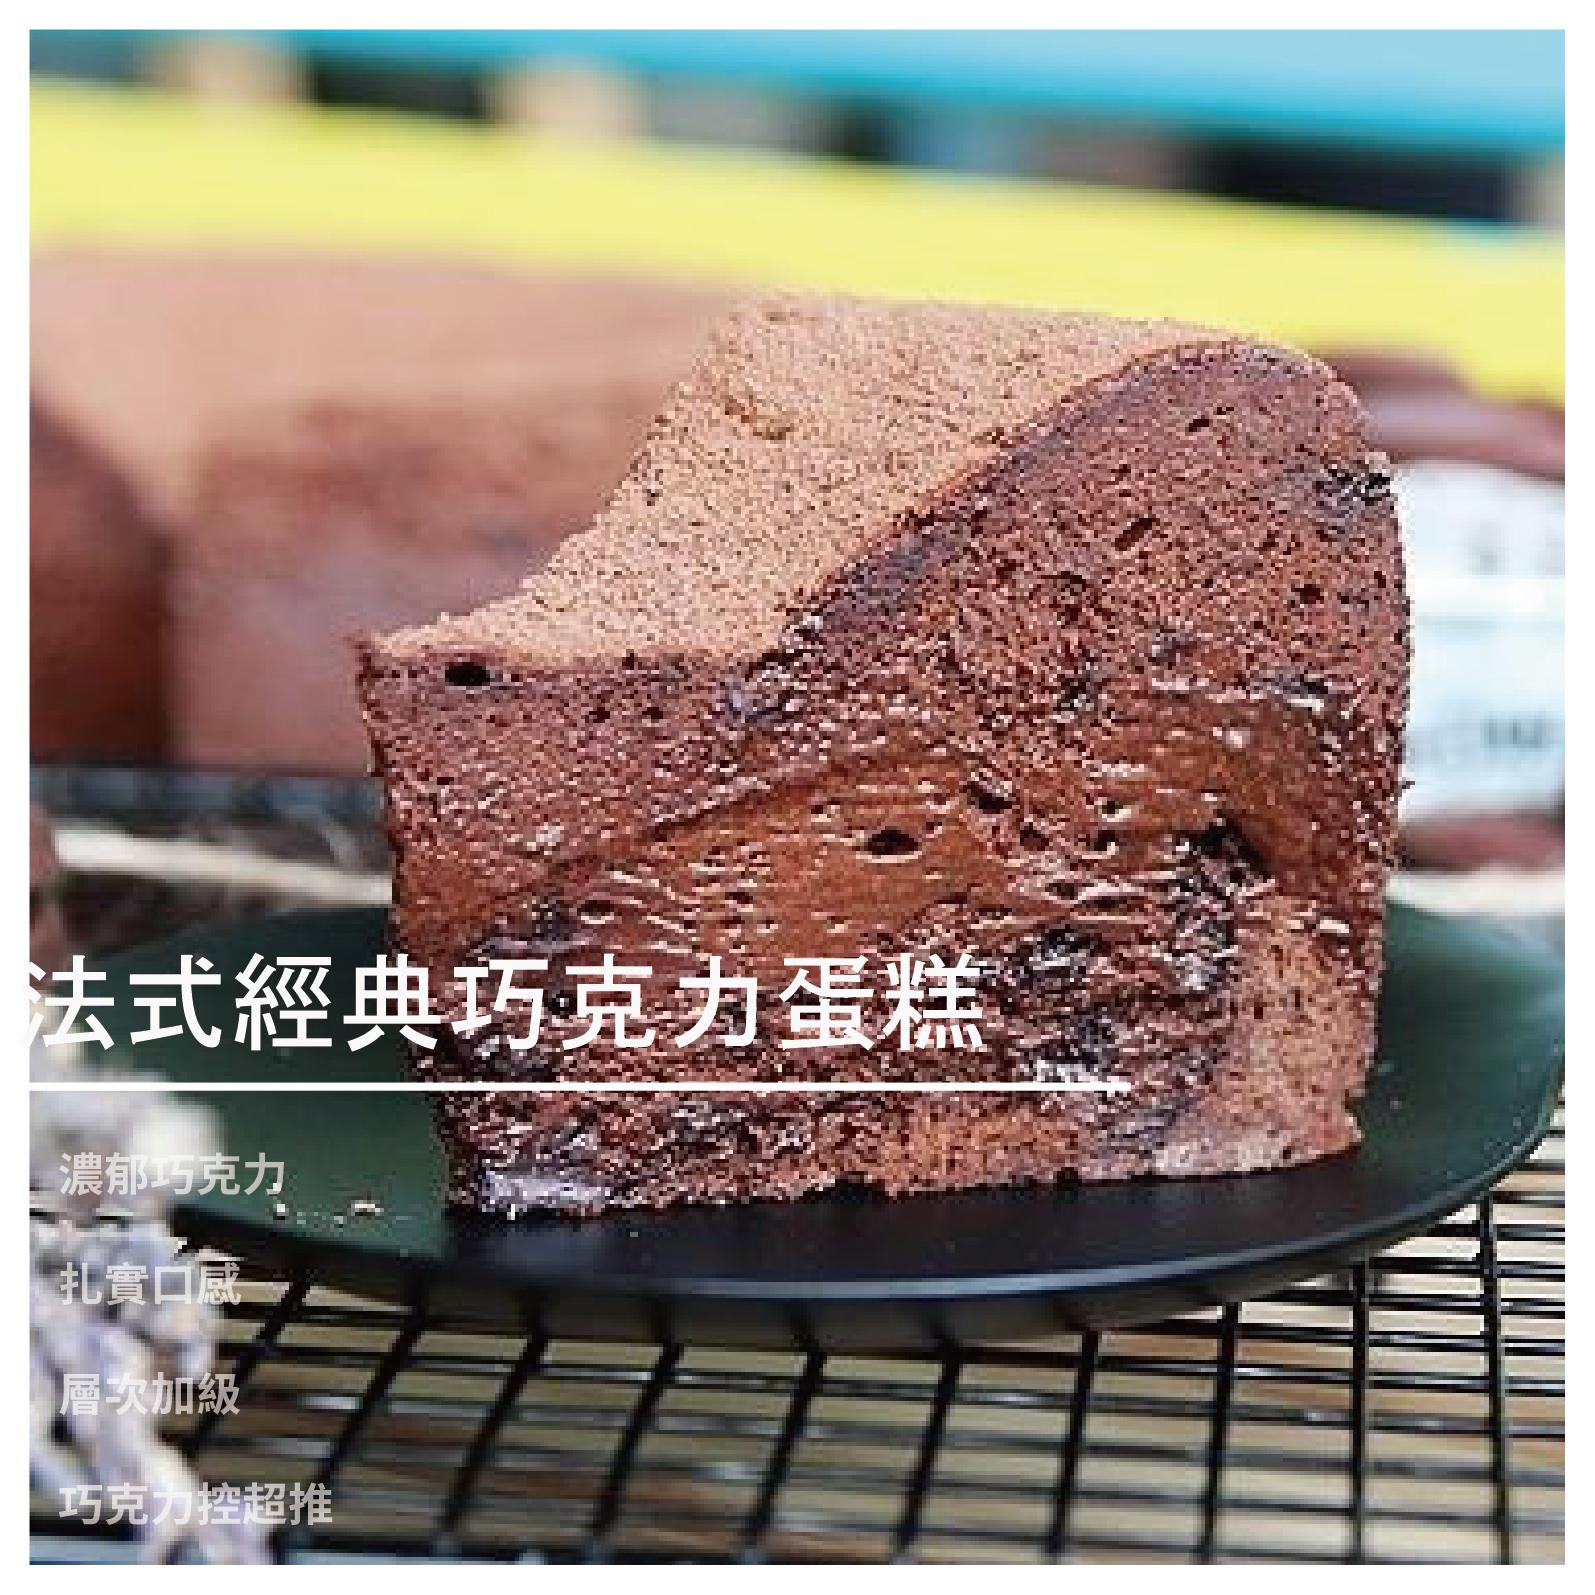 【栗卡朵洋菓子工坊】招牌法式經典巧克力蛋糕 5.5吋 (預購優惠中)